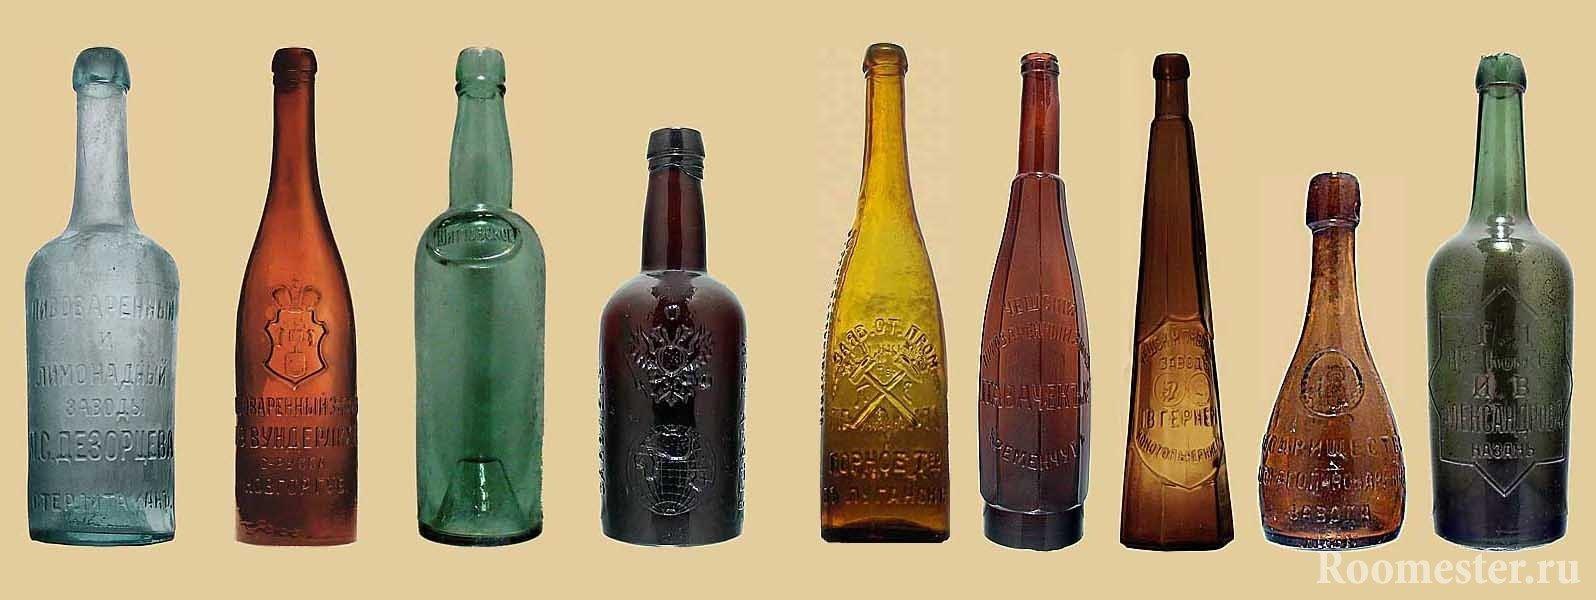 Декор бутылок своими руками – 50 идей